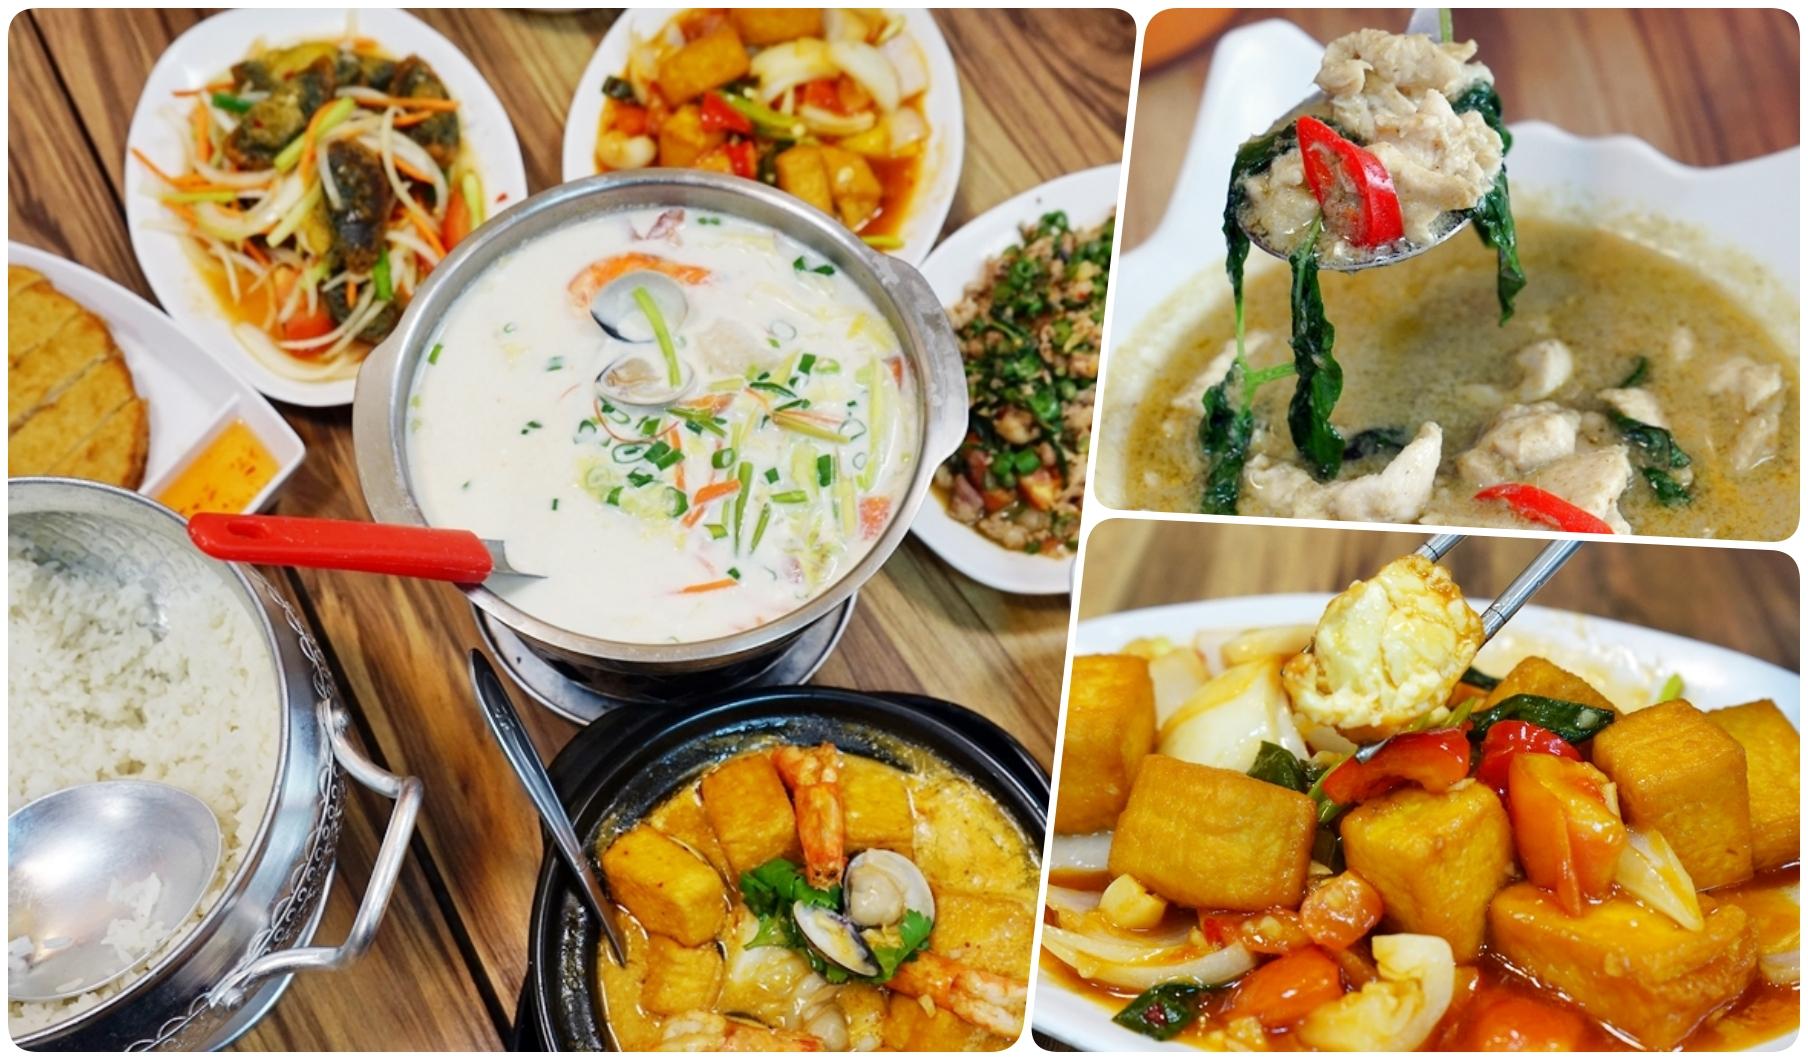 最新推播訊息:住宅區內巷弄間的隱藏版百元平價泰式料理 偏台式口味 份量大碗滿意。